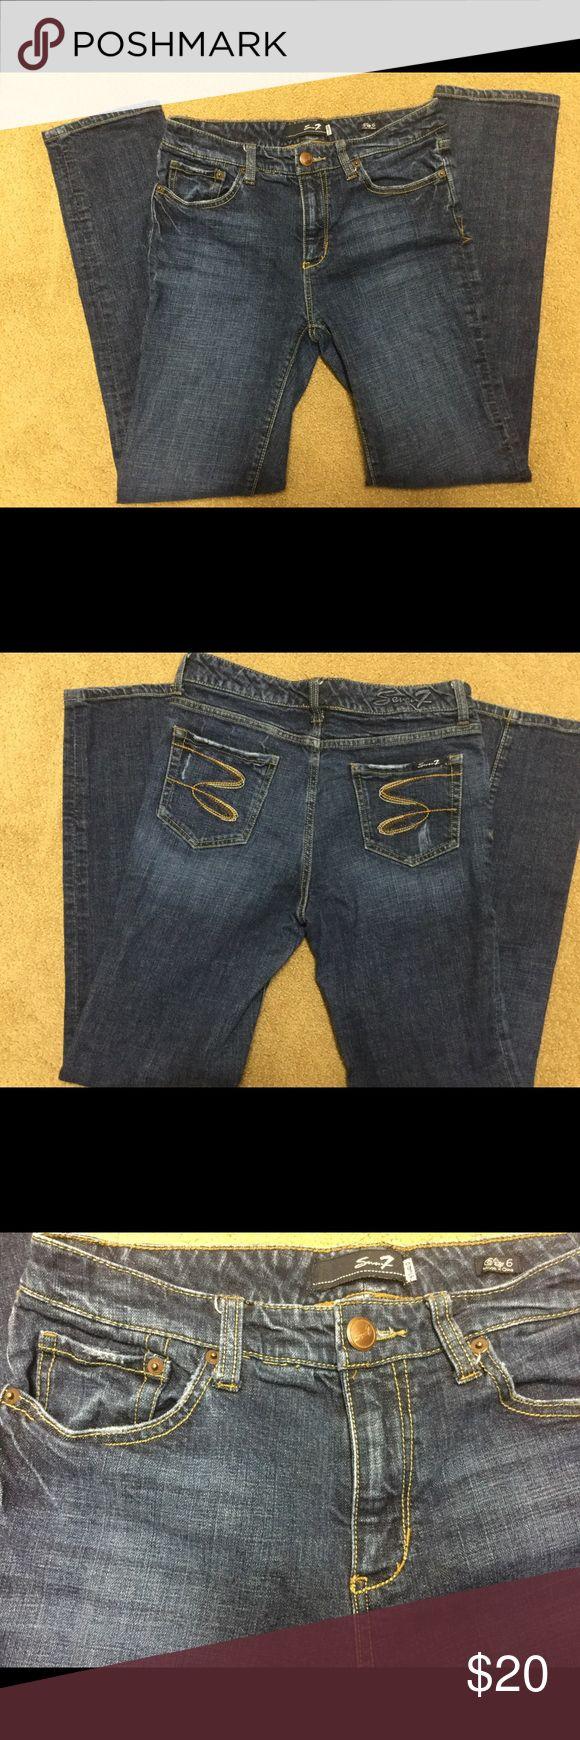 Seven7 Jeans Medium/Dark Wash Distressed Pockets Straight Leg Size- 6 Seven7 Jeans Straight Leg